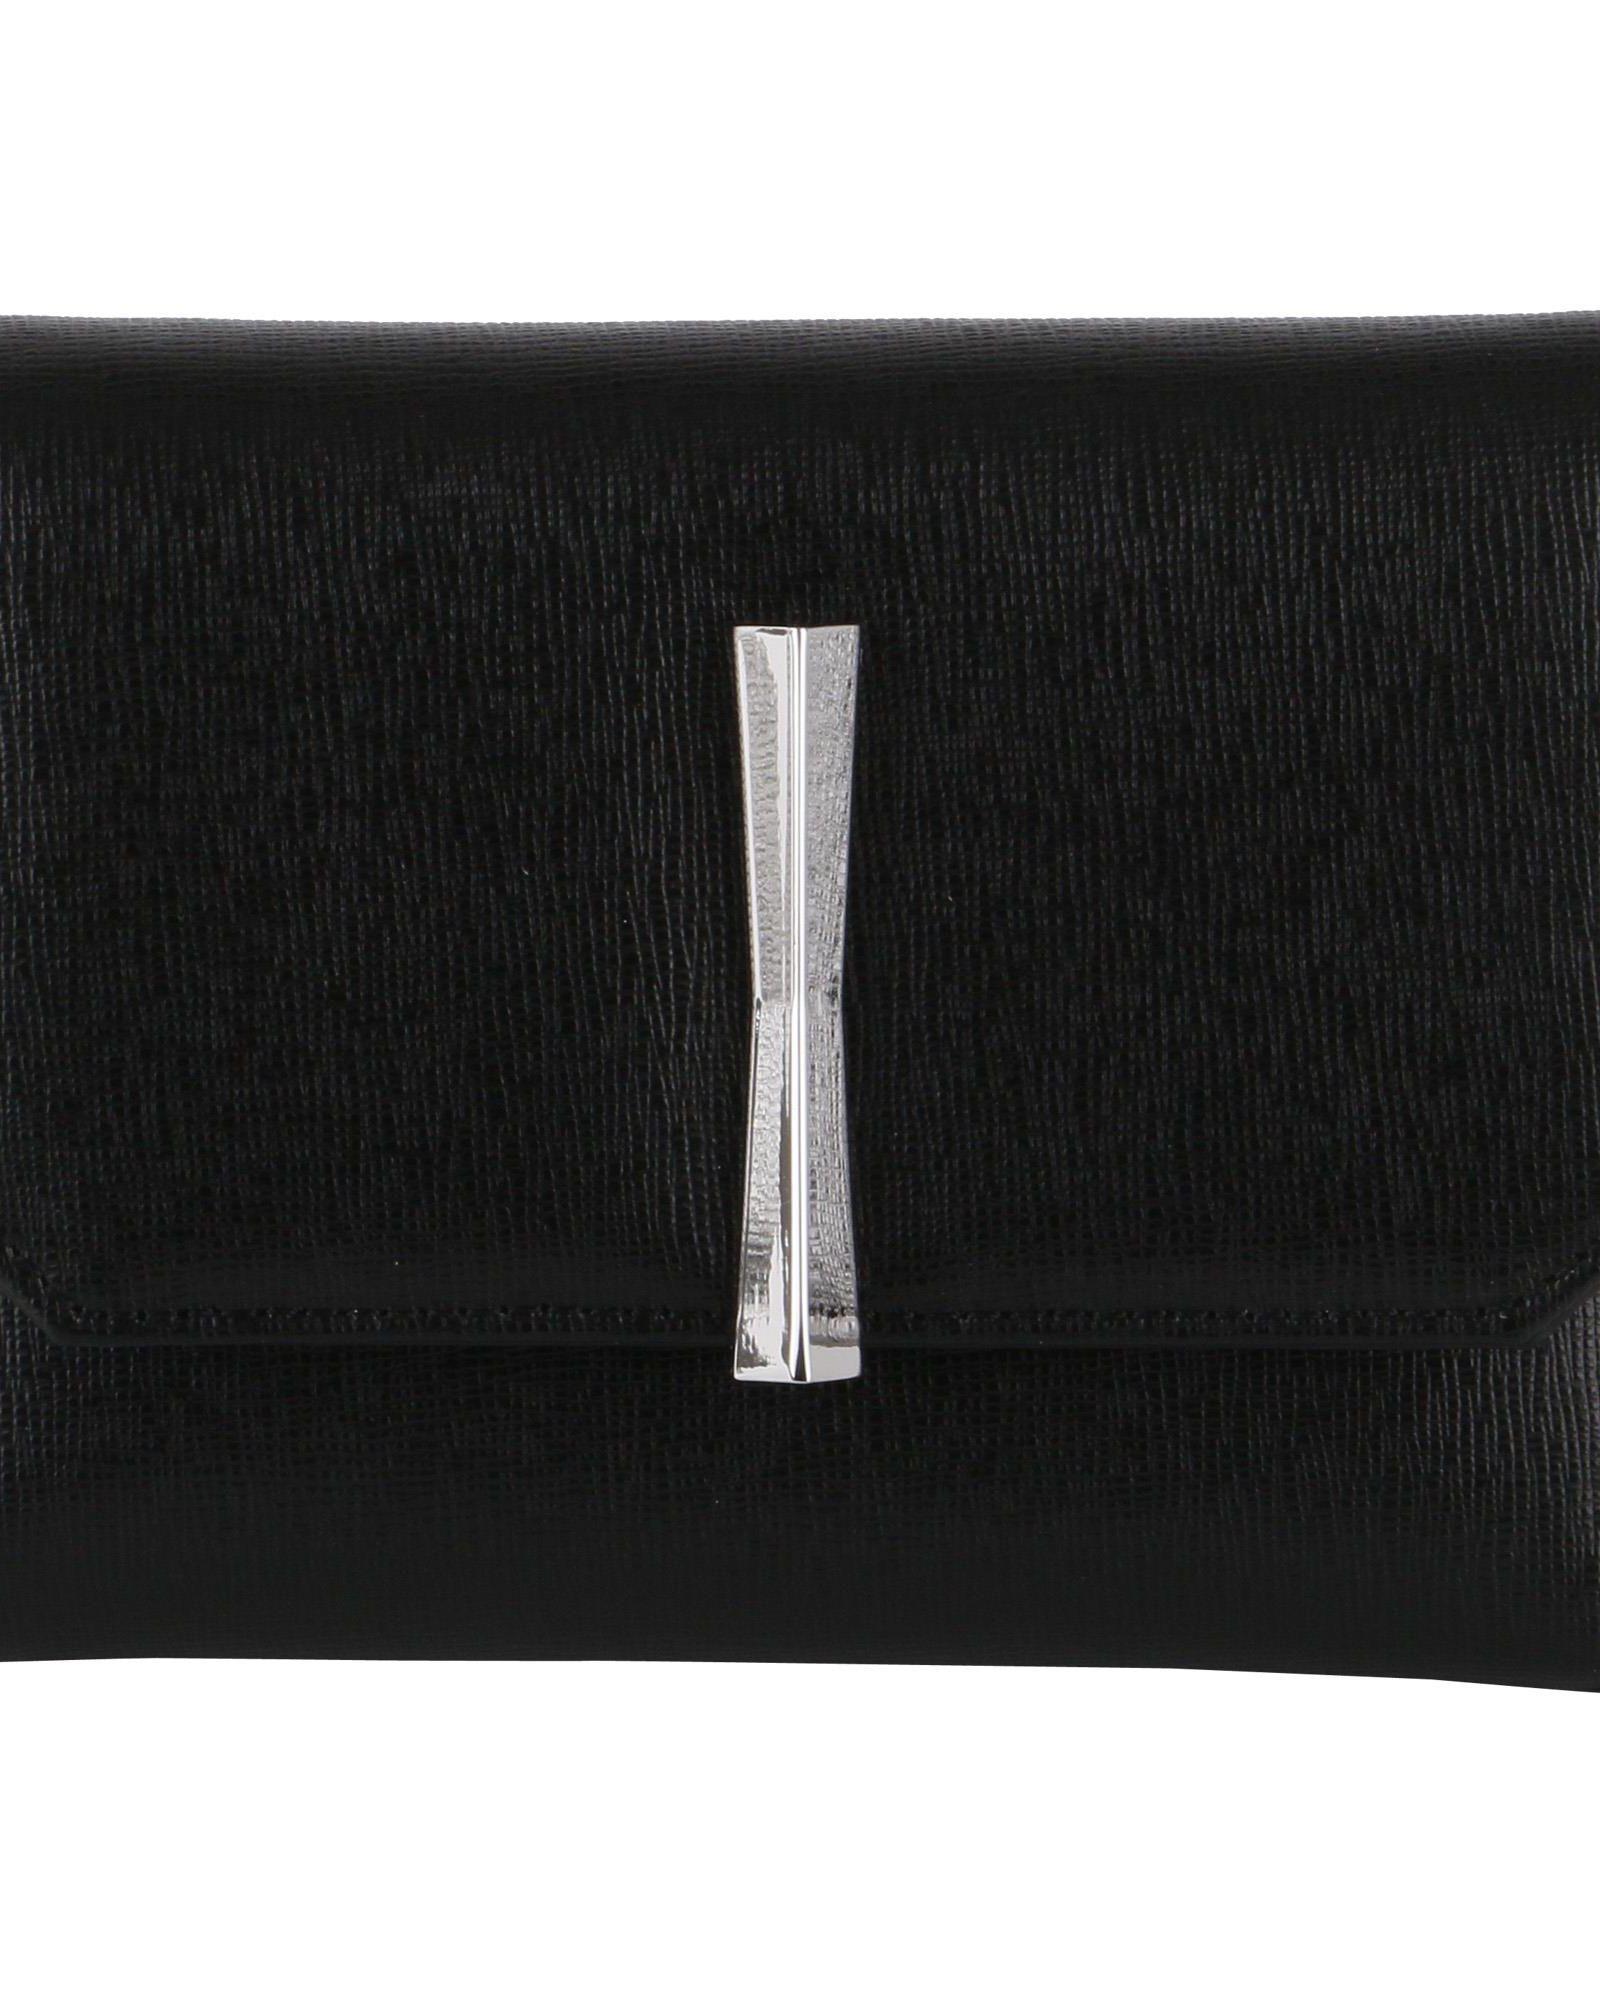 GIANNI CHIARINI Saffiano Leather Wallet in Black